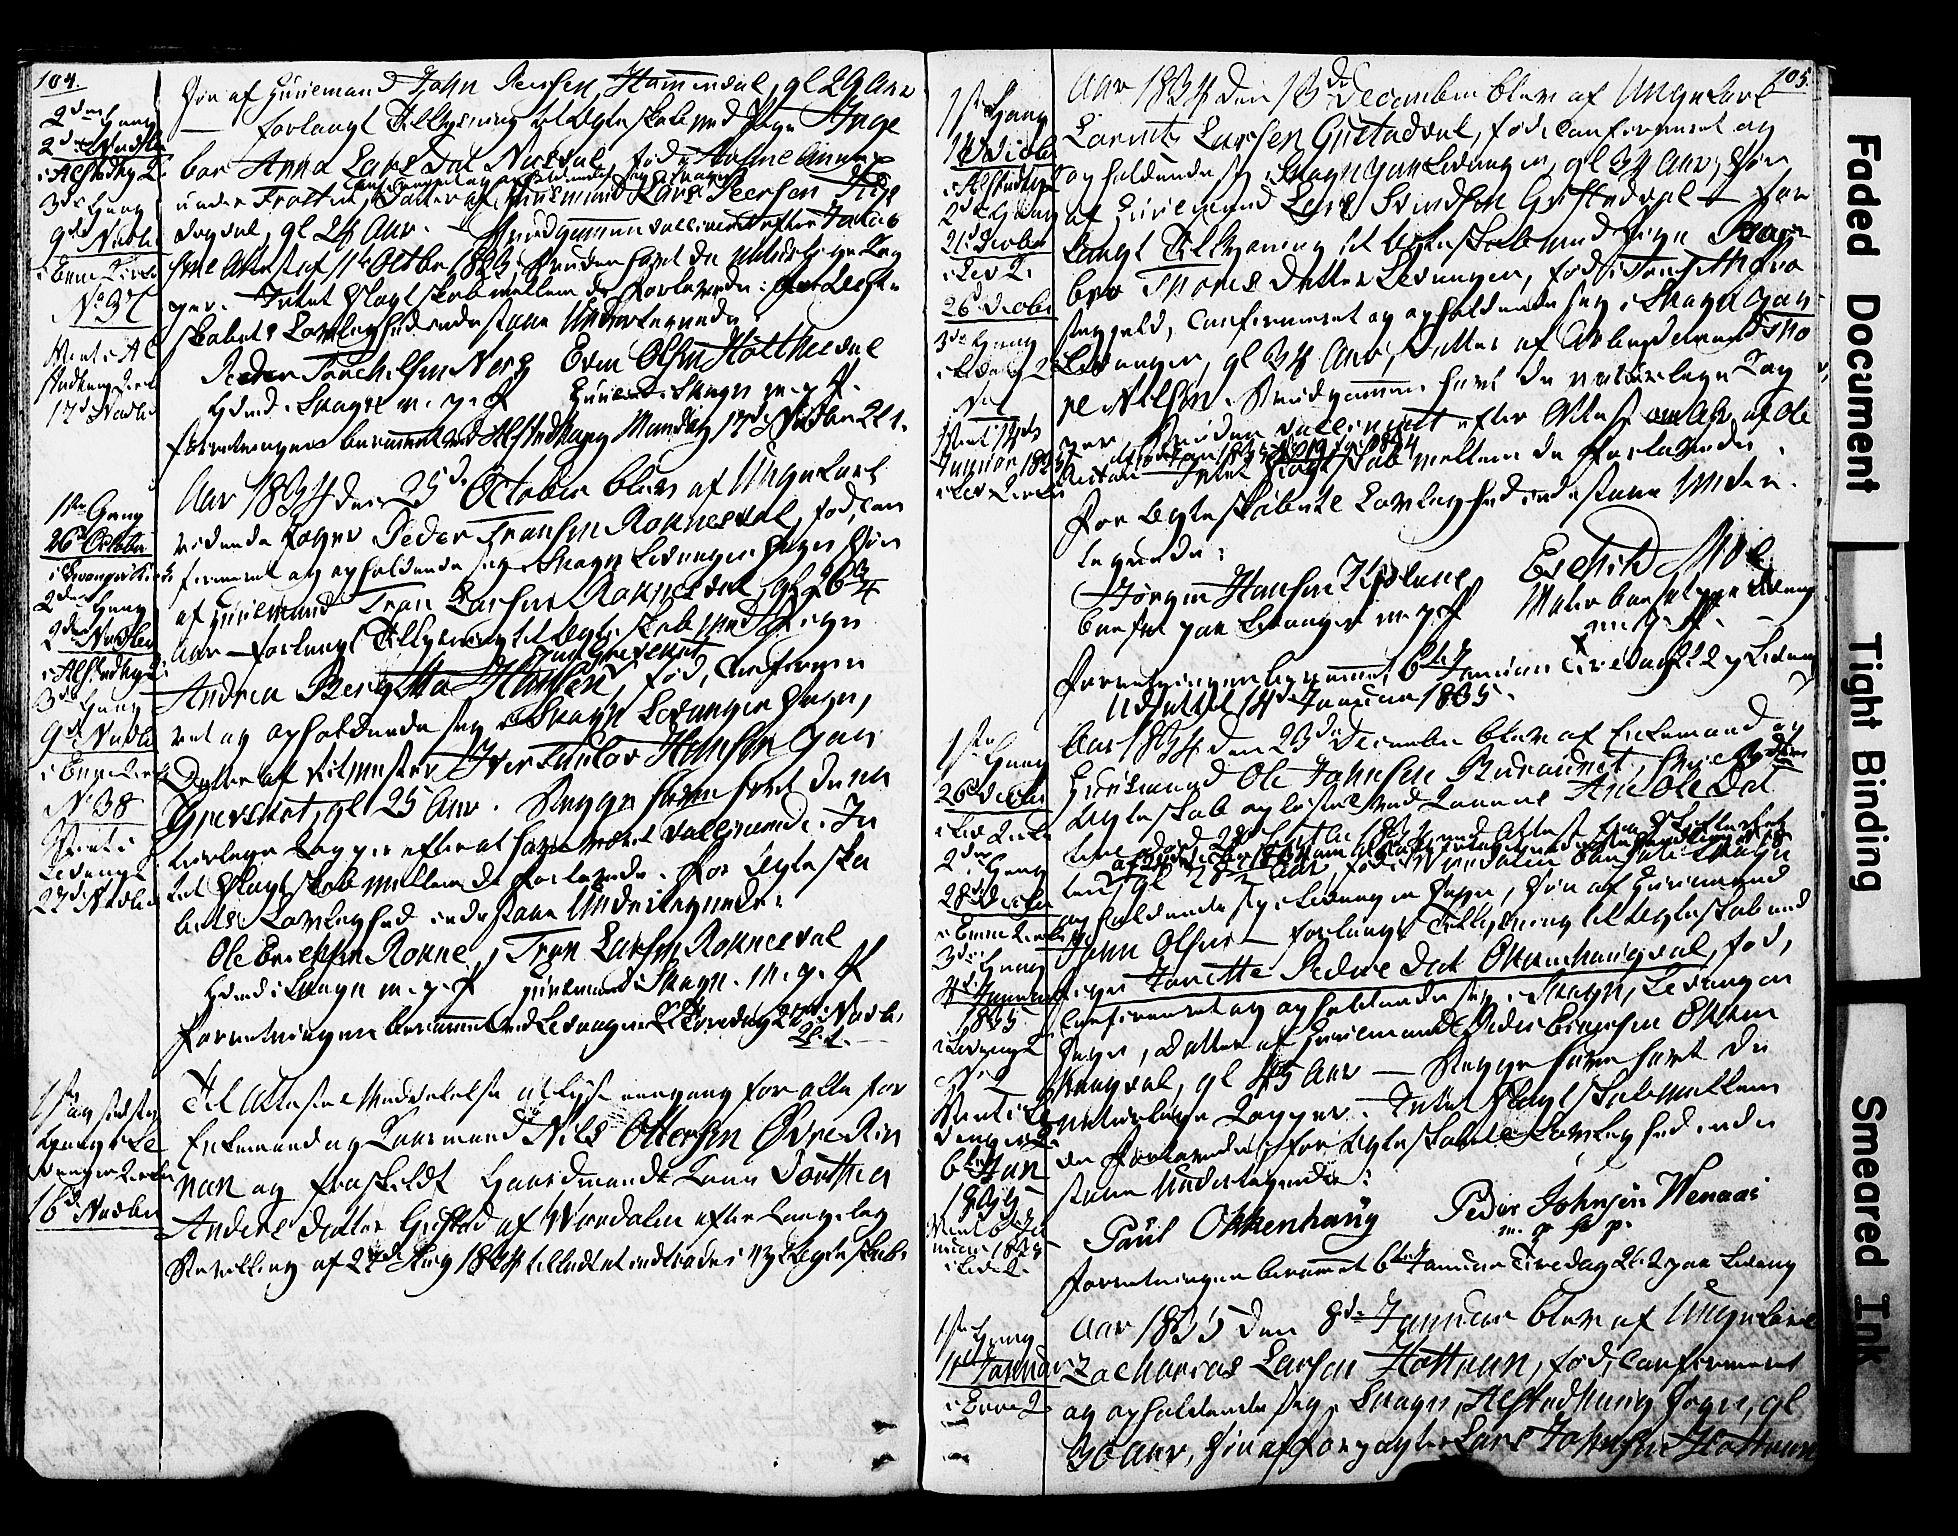 SAT, Ministerialprotokoller, klokkerbøker og fødselsregistre - Nord-Trøndelag, 717/L0160: Forlovererklæringer nr. 717A10, 1828-1850, s. 104-105